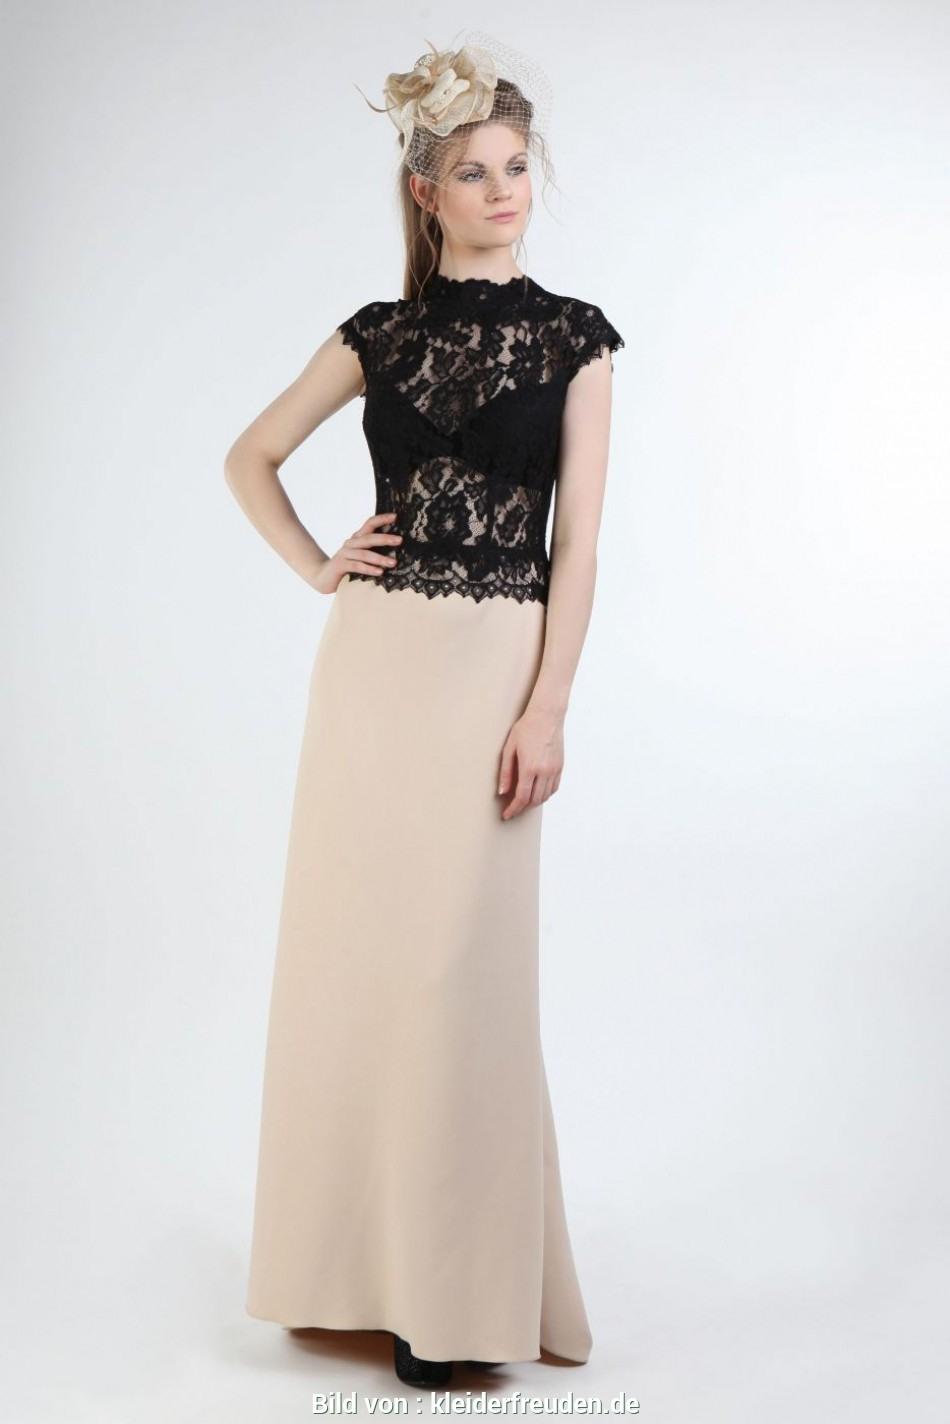 Abend Fantastisch Abendkleid Lang 44 Boutique13 Kreativ Abendkleid Lang 44 Stylish